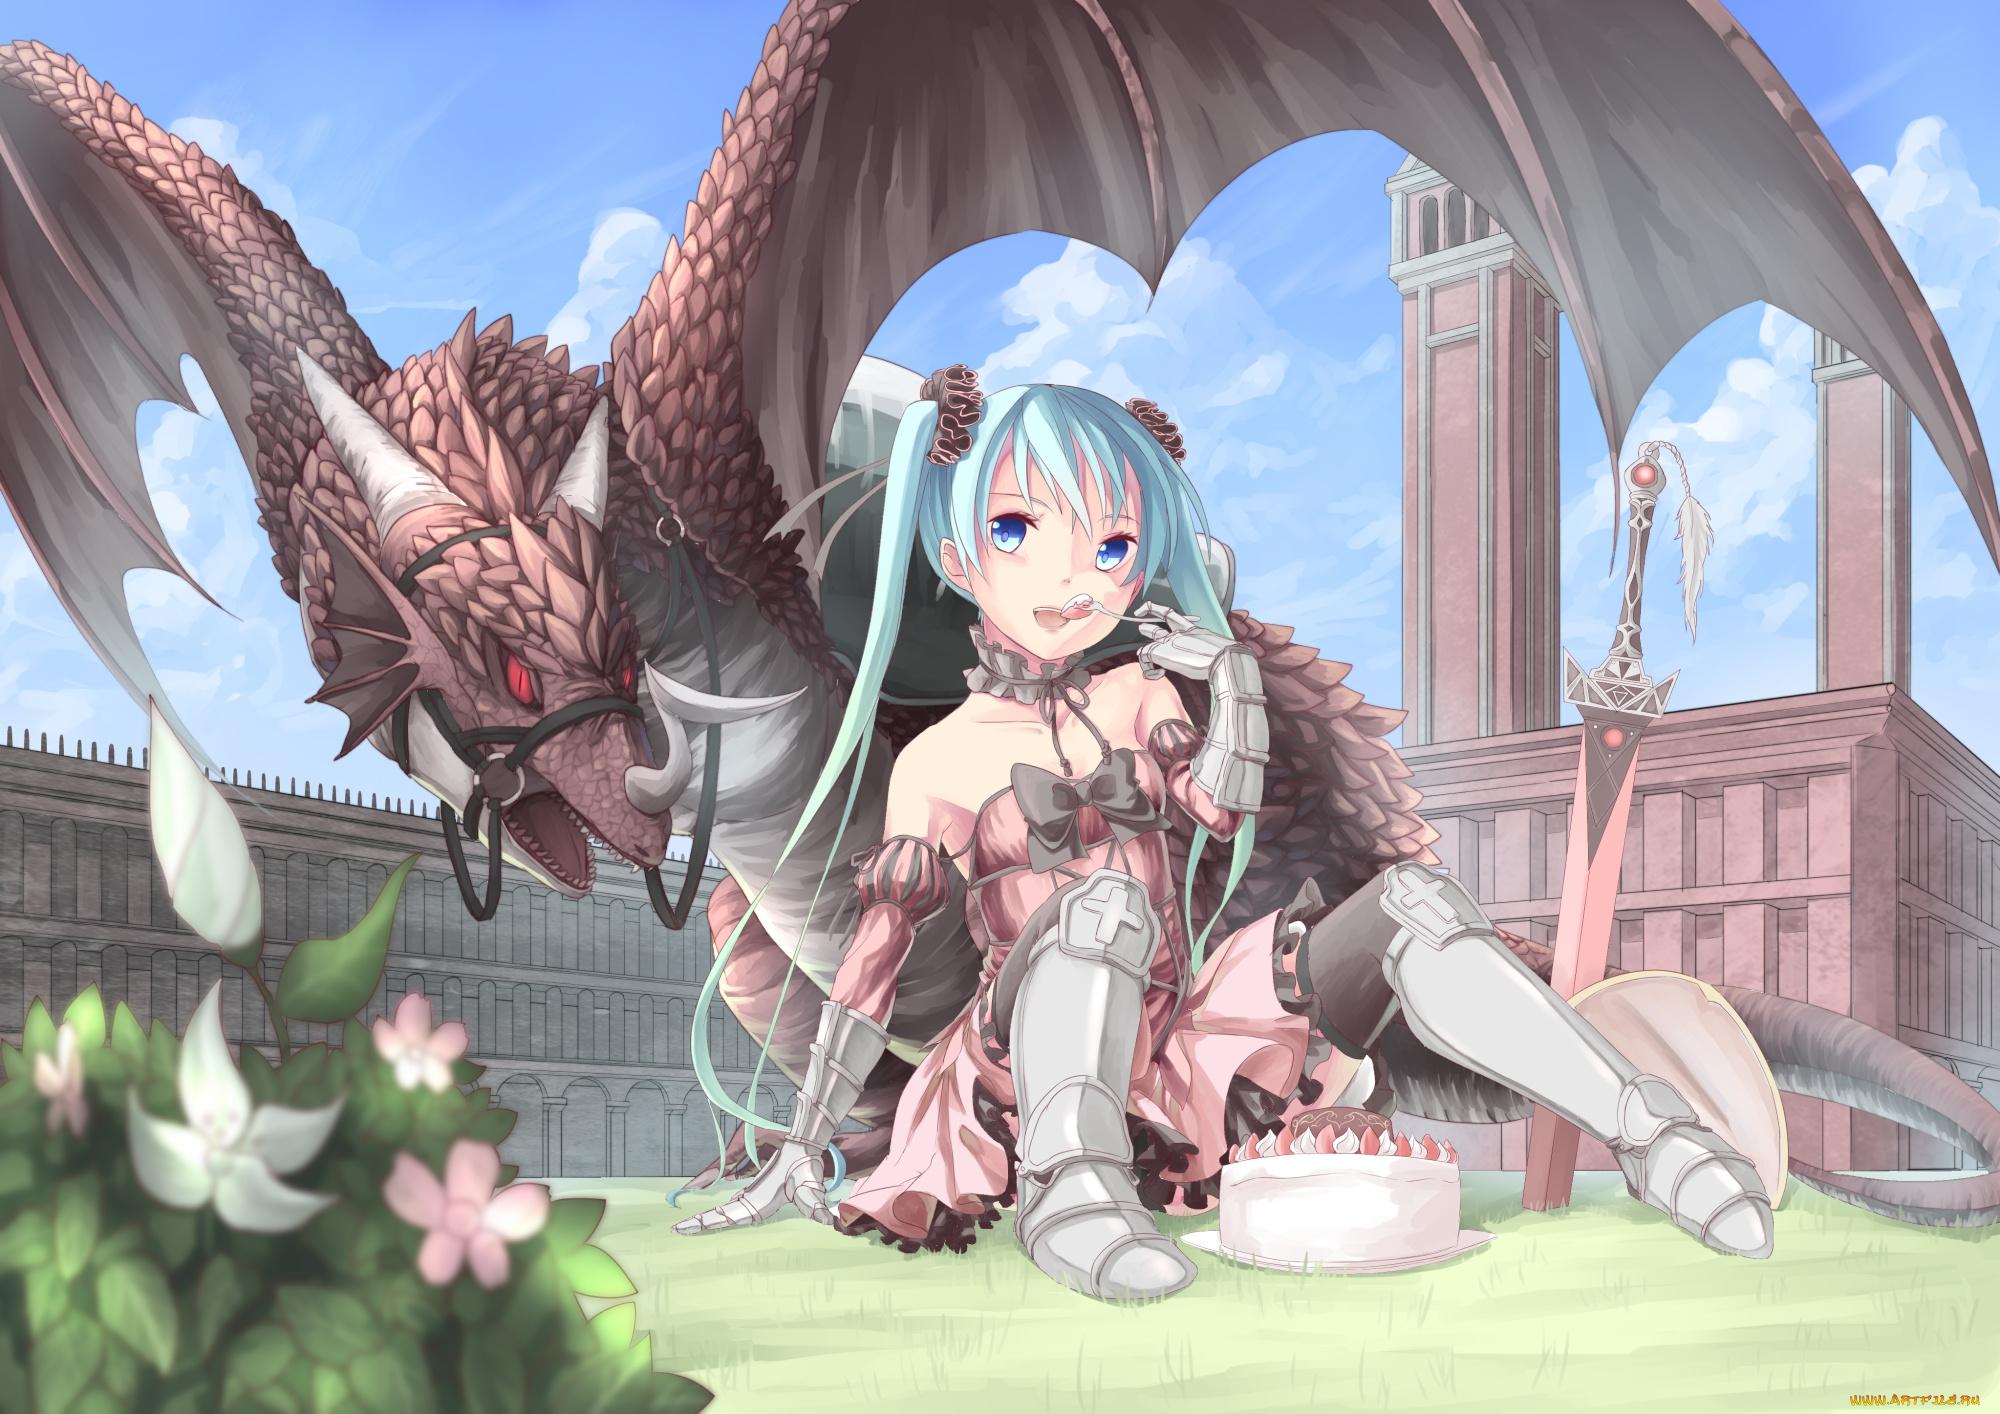 Приколы, картинки девушка с драконом аниме